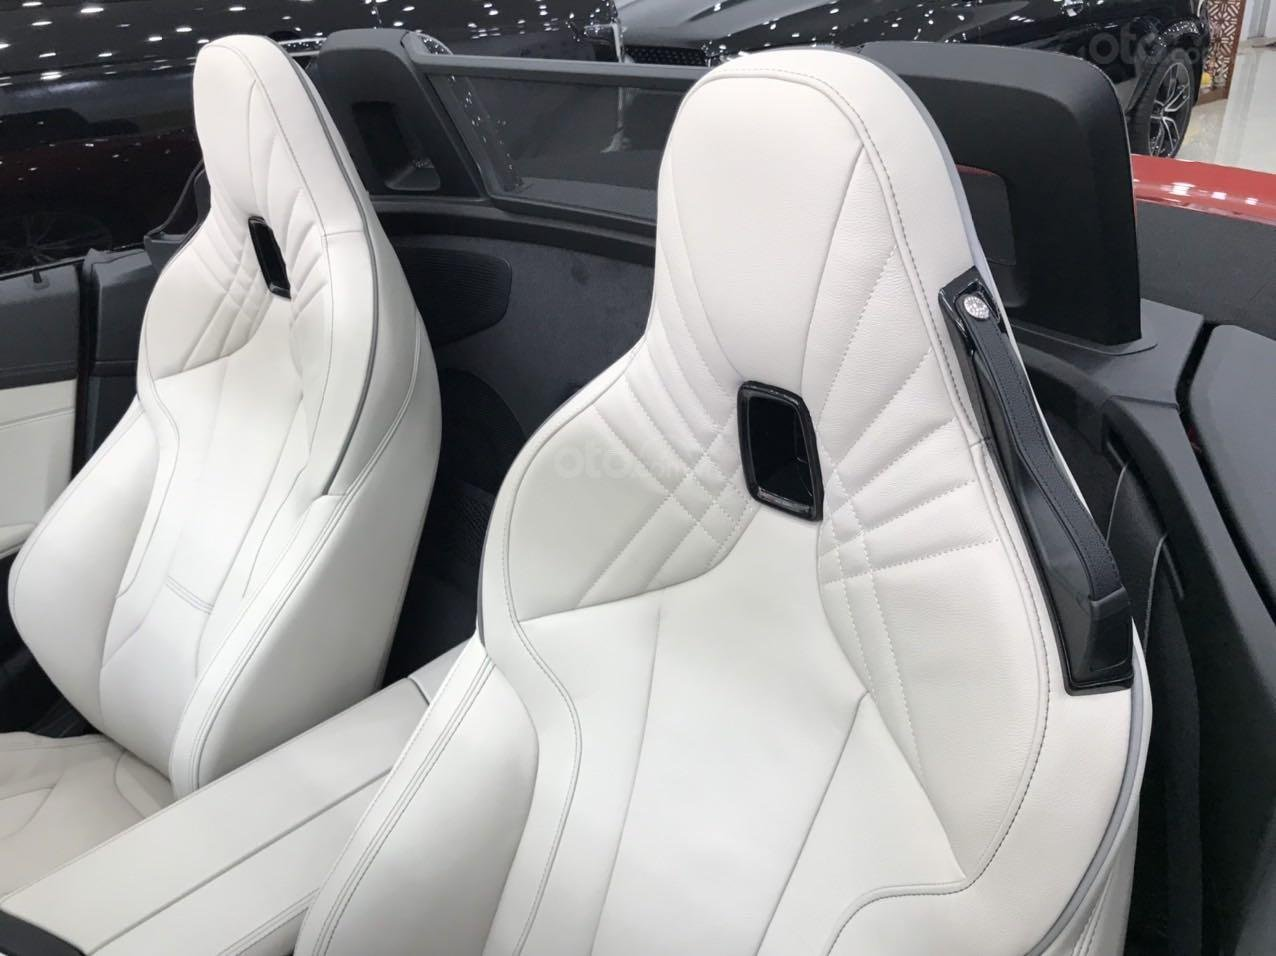 Xe BMW Z4 Sdrive đời 2020, màu đỏ nhập khẩu nguyên chiếc siêu lướt (15)